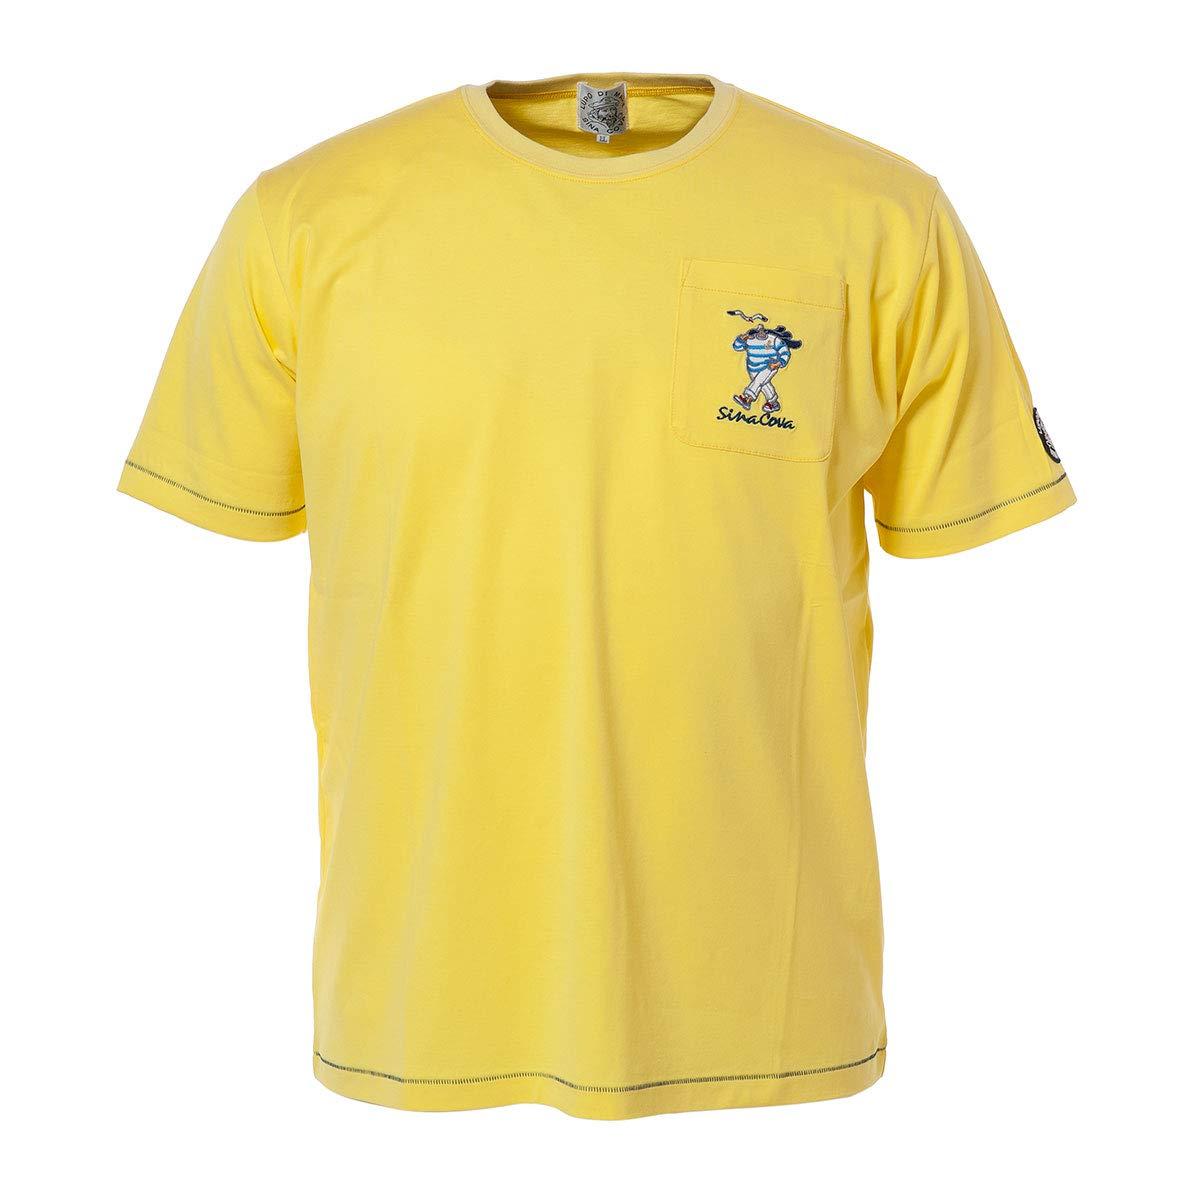 (シナコバ) SINA COVA デザインTシャツ ポケットTシャツ 半袖Tシャツ クルーネックTシャツ Tシャツ カットソー 綿 天竺 メンズ マリンウェア ゴルフウェア 19120530 LL レモンイエロー B07QCWQGCB